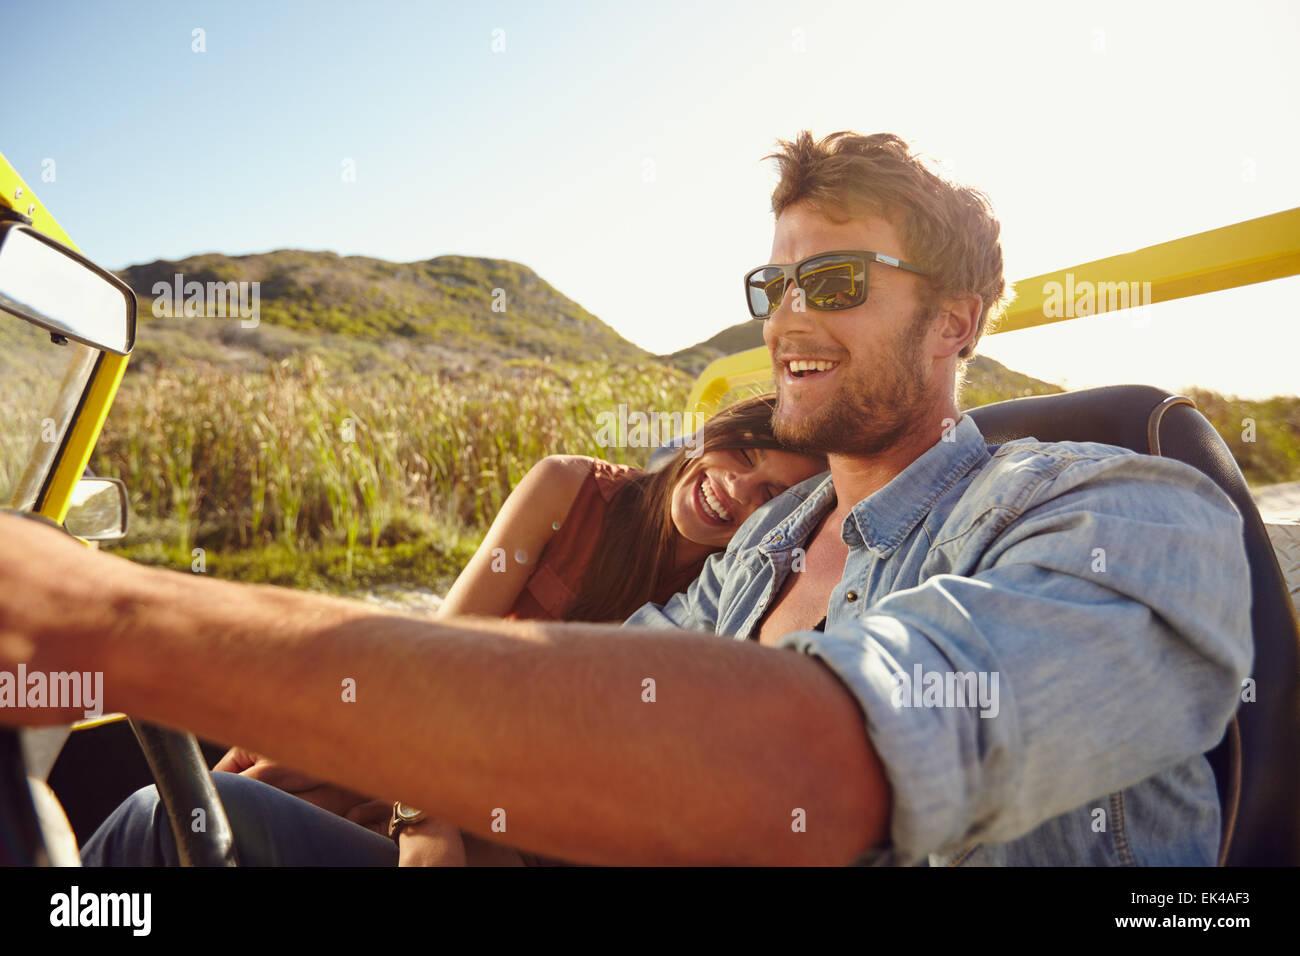 Felice coppia giovane di andare in vacanza insieme in un buggy car. Amare giovane godendo di un viaggio. Immagini Stock